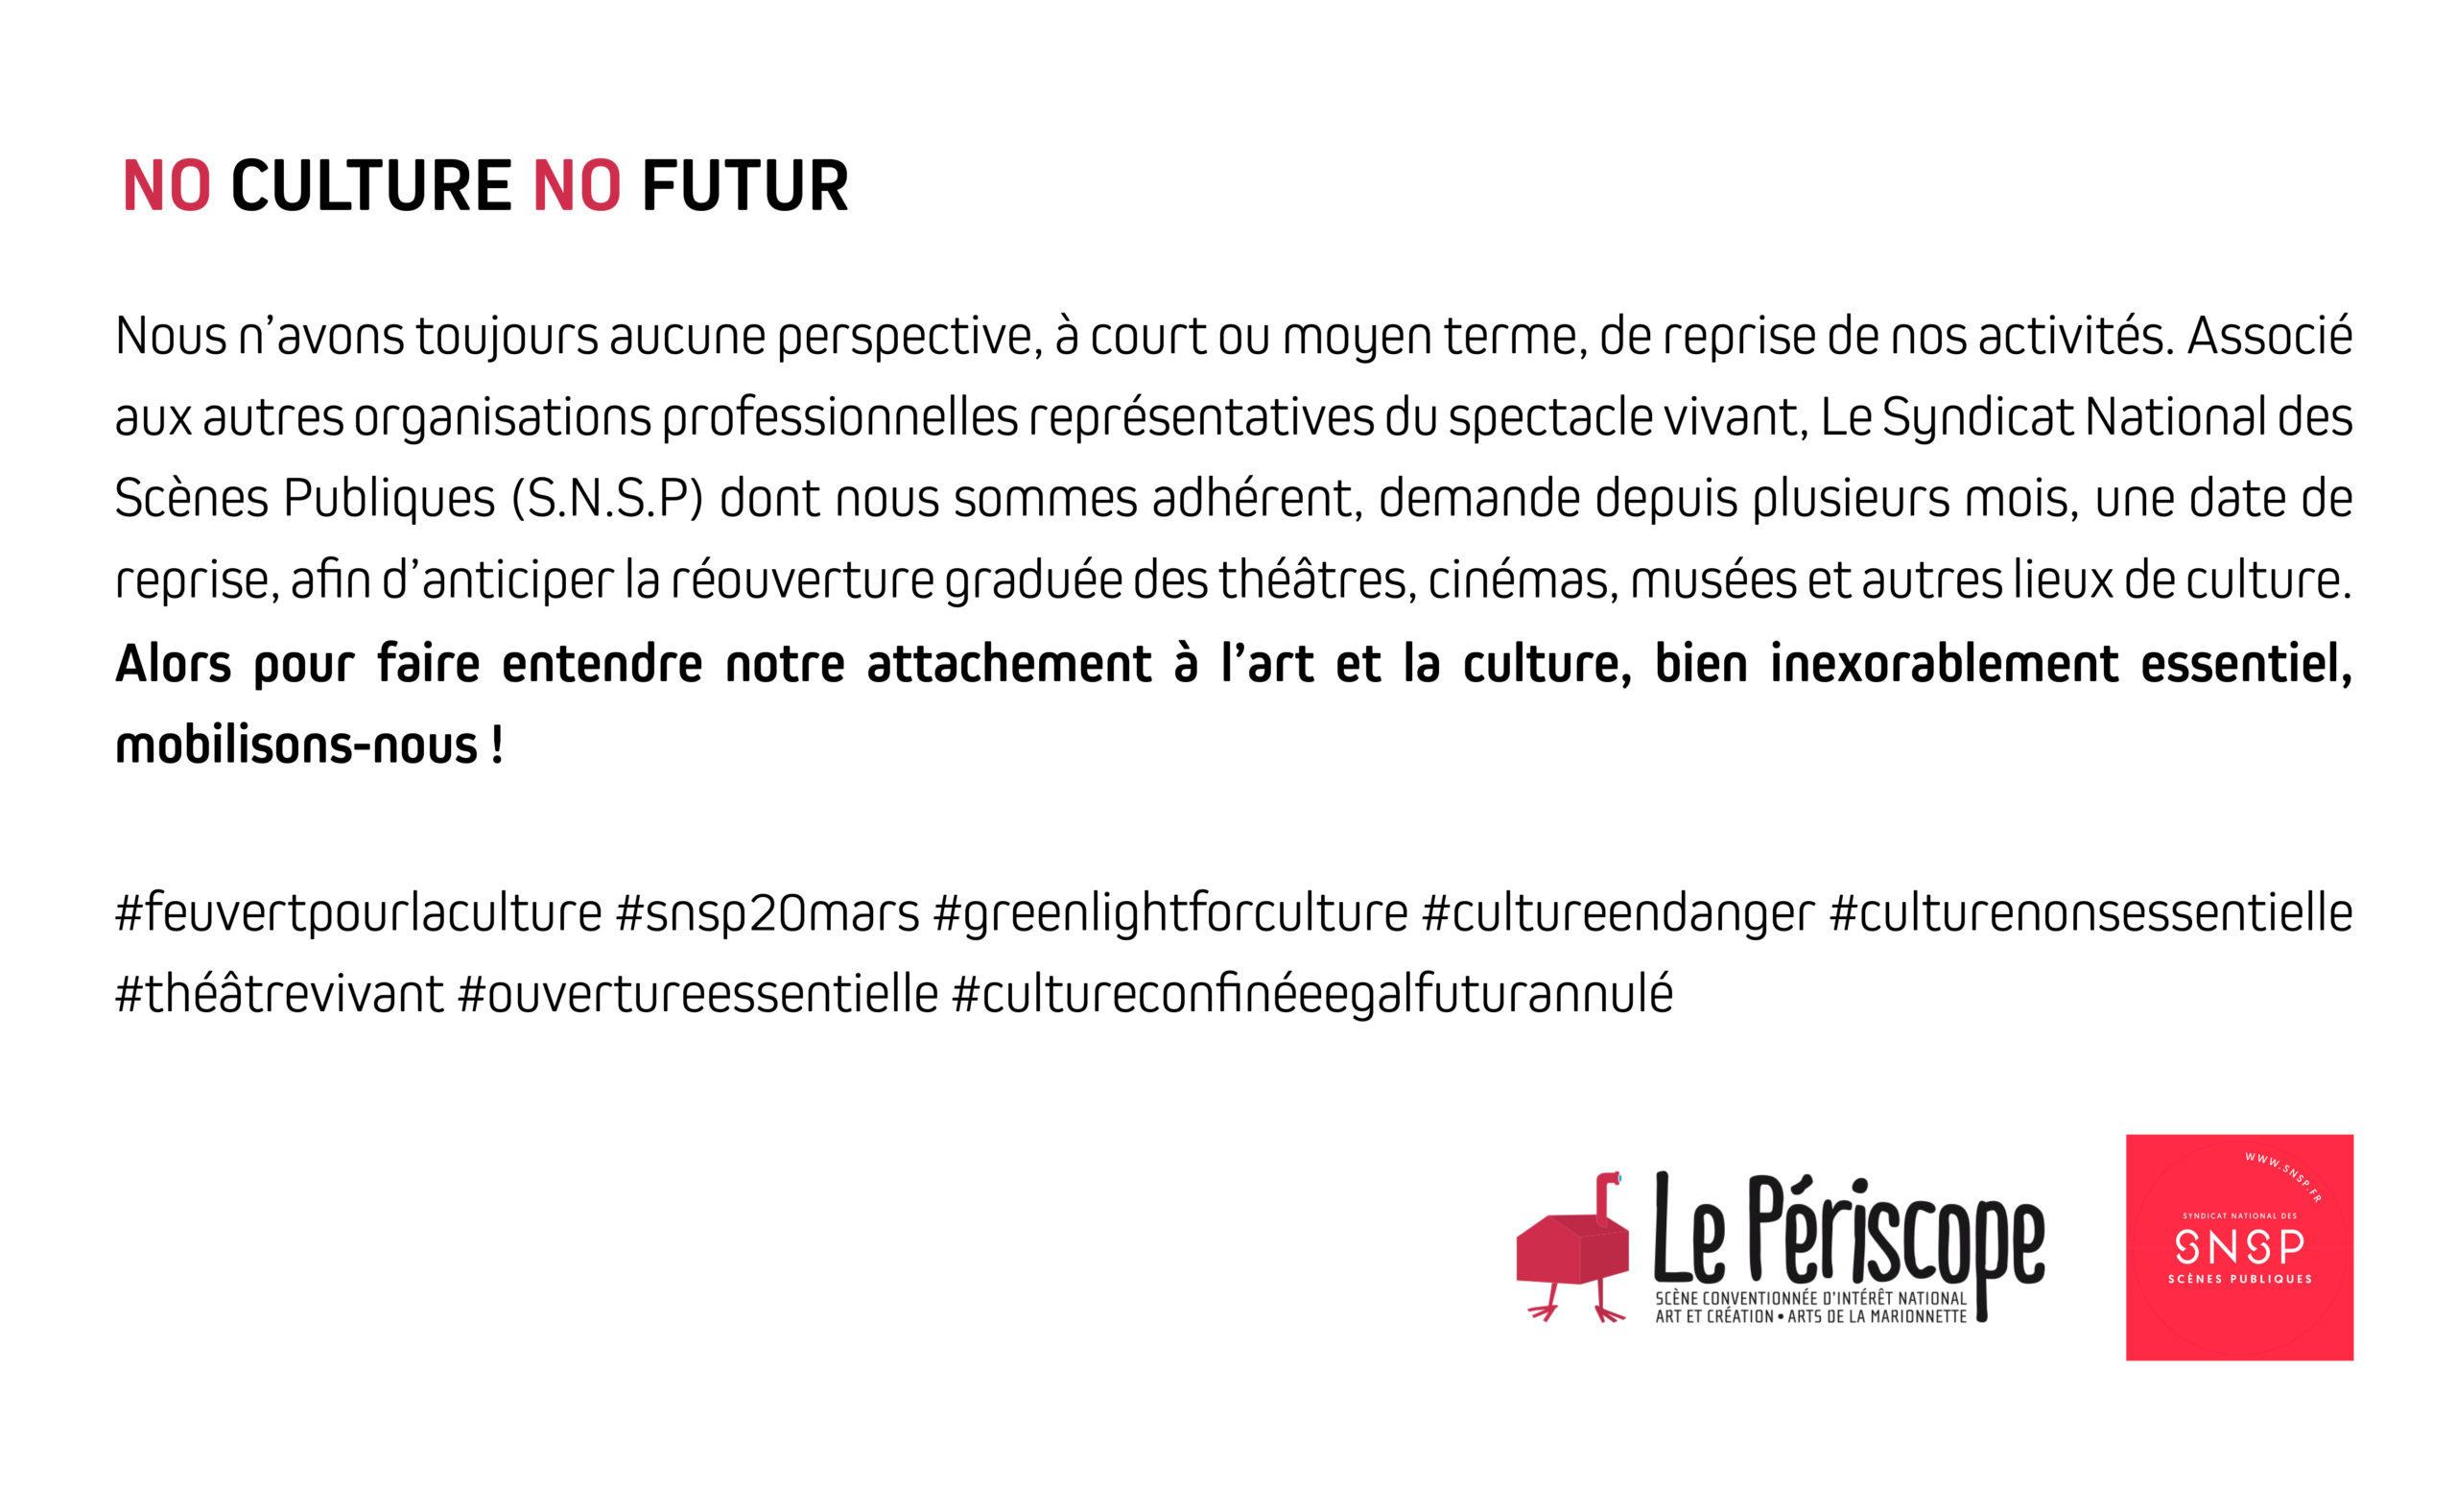 Mobilisons-nous pour la culture